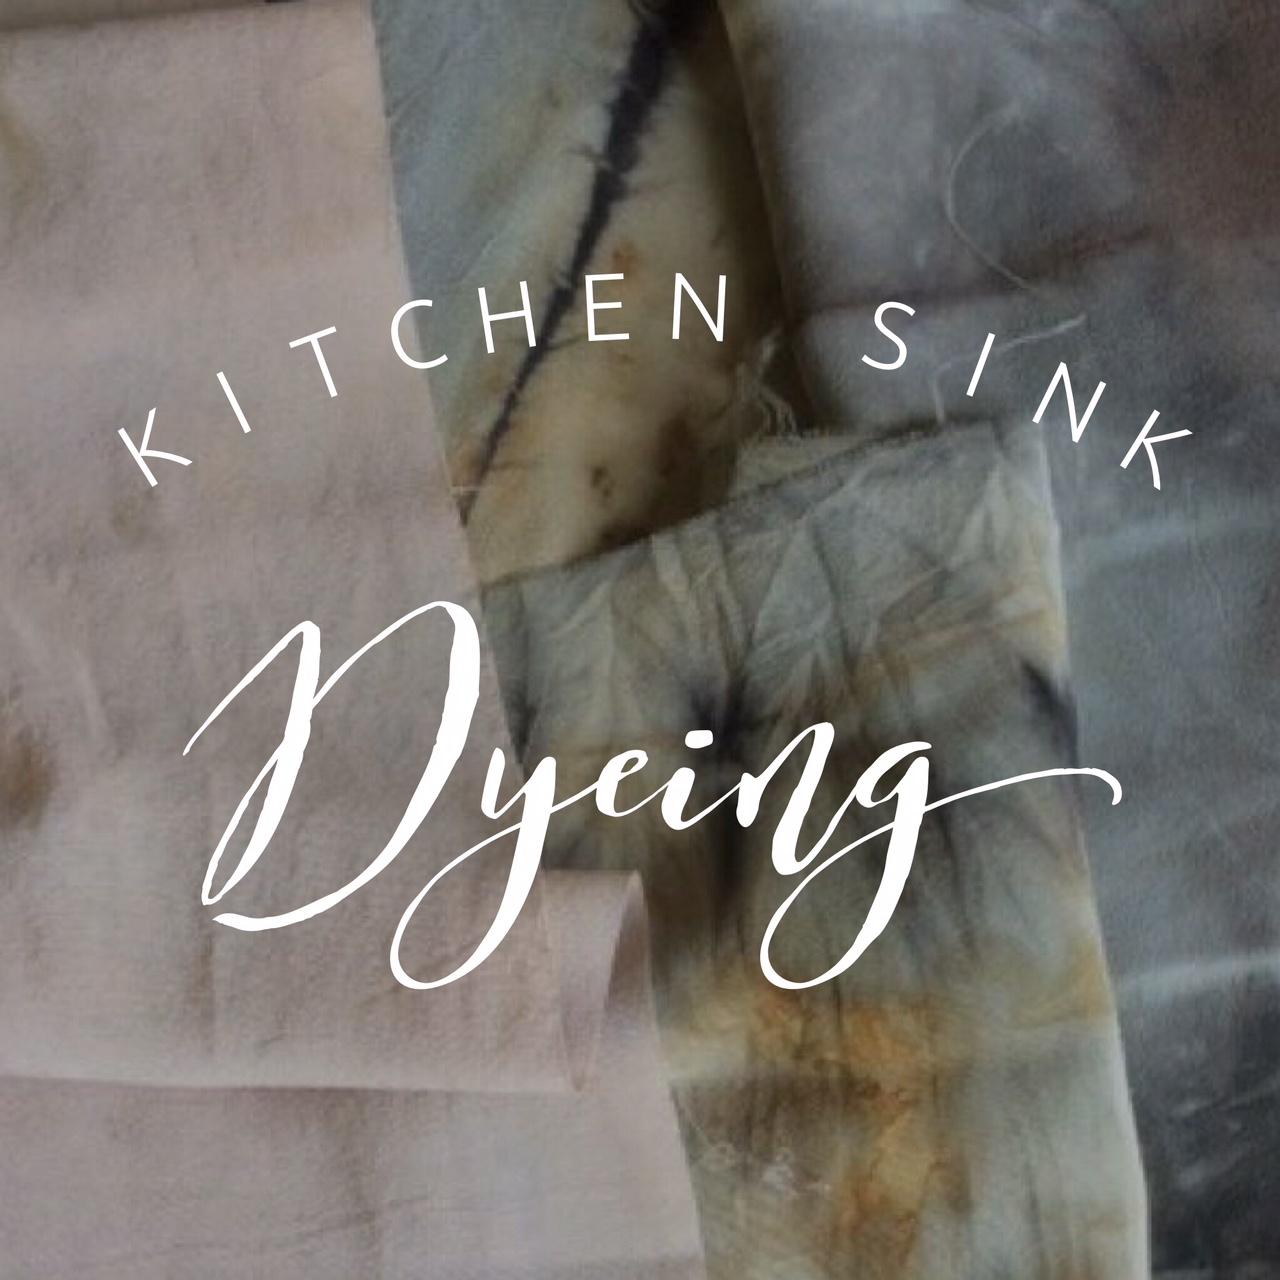 Kitchen Sink Dyeing.jpeg